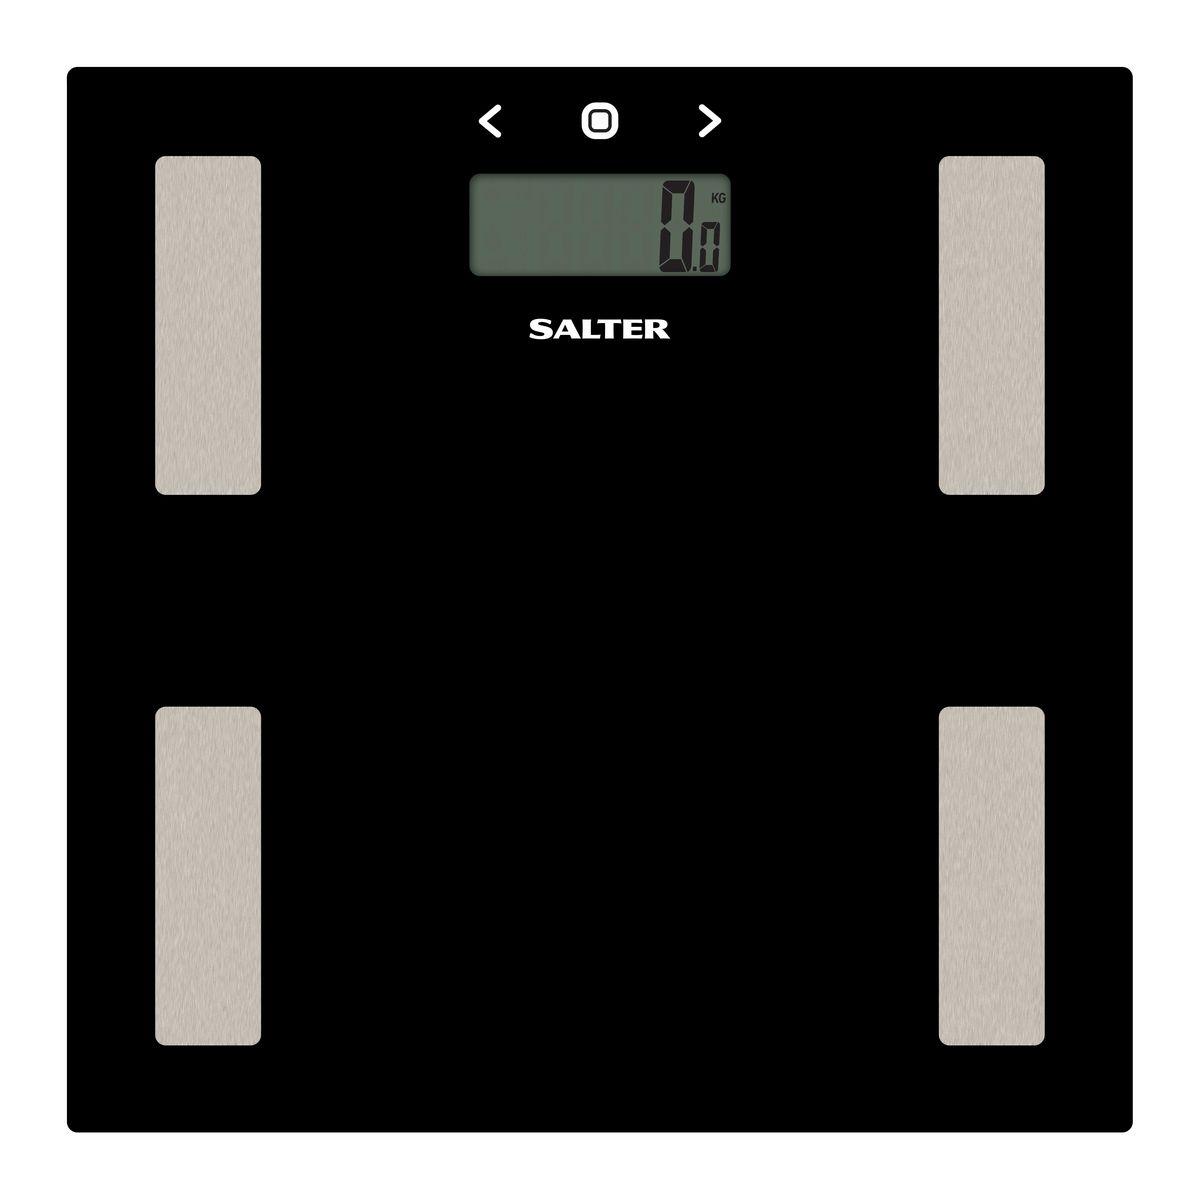 Salter 9150 BK3R напольные весы9150 BK3RДиагностические напольные весы Salter 9150 BK3R. Интеллектуальная шкала для точного мониторинга прогресса в весе для тех, кто тренируется. Сверхтонкая платформа - гладкий современный дизайн, тонкий корпус для удобного хранения. Быстрое измерение. Стильный цвет для поддержания дизайна интерьера вашей ванной комнаты. Специальные ножки для ковра в комплекте, чтобы точно измерять вес на ковре или других неровных поверхностях.